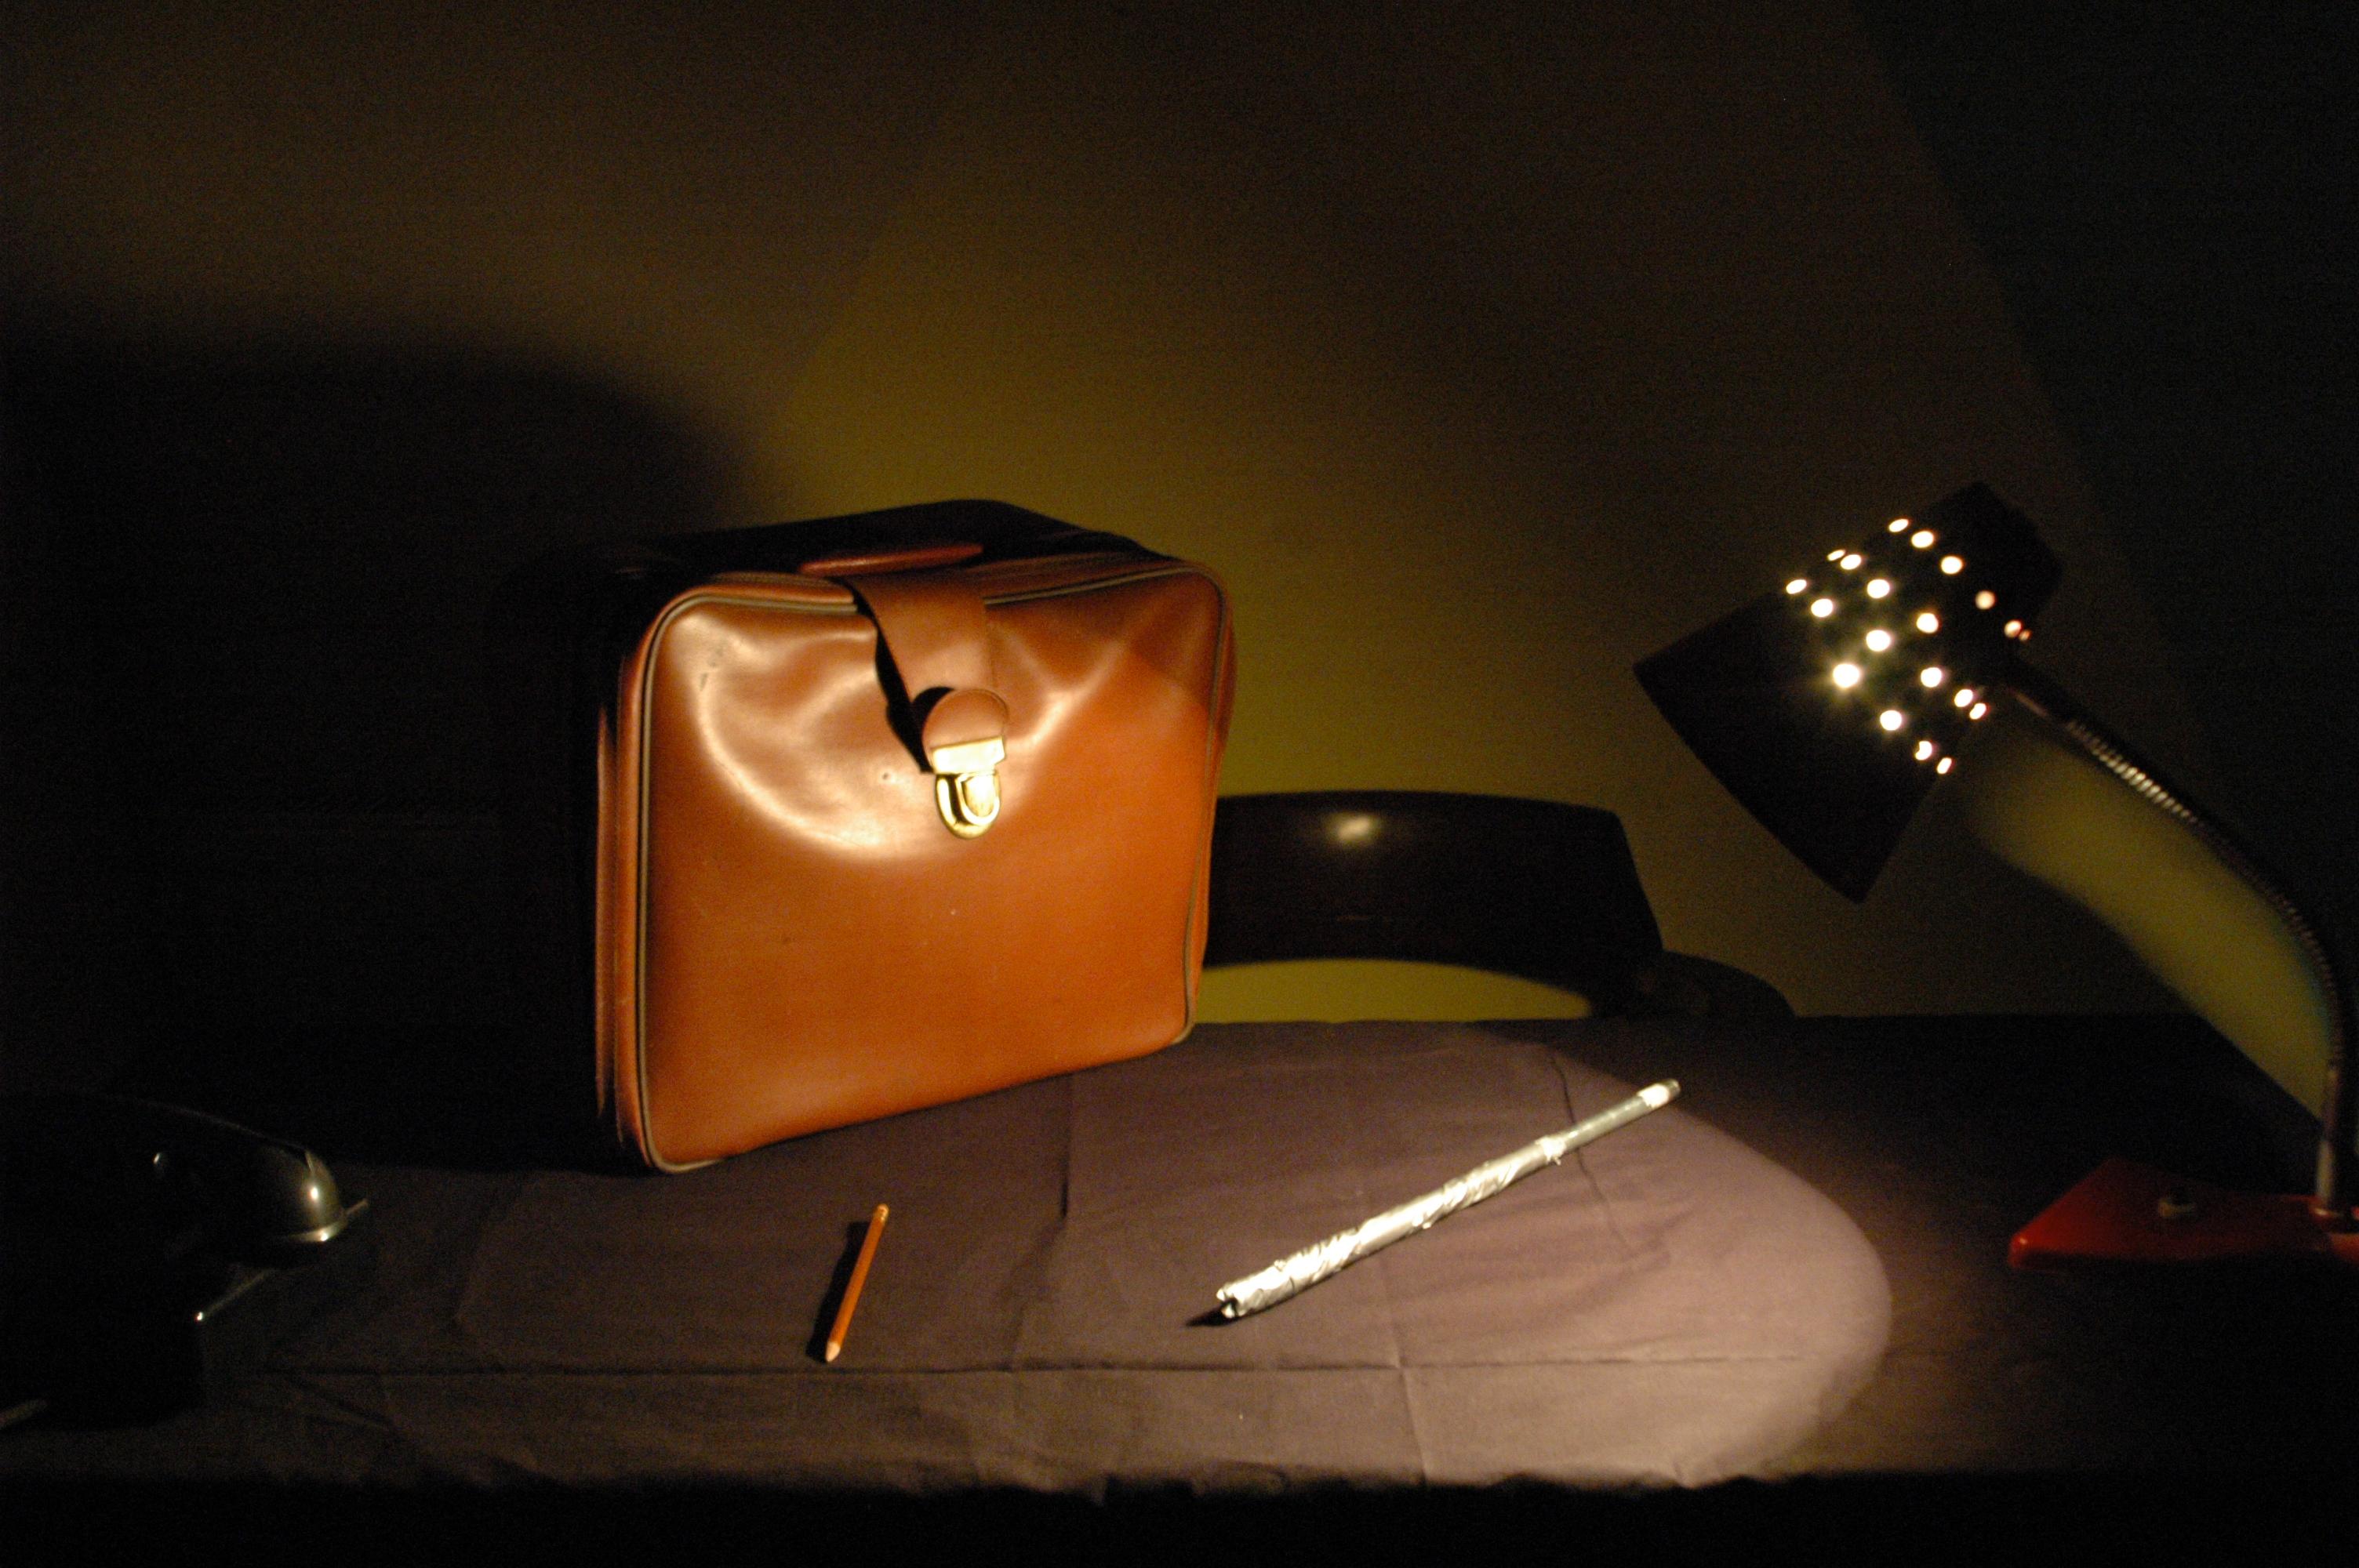 Imitacja ubeckiego pokoju przesłuchań (lampa świecąca w oczy; metalowy pręt do bicia; ołówek, którym funkcjonariusz nie tylko mógł coś zapisać, ale również przebić bębenek w uchu aresztowanego).